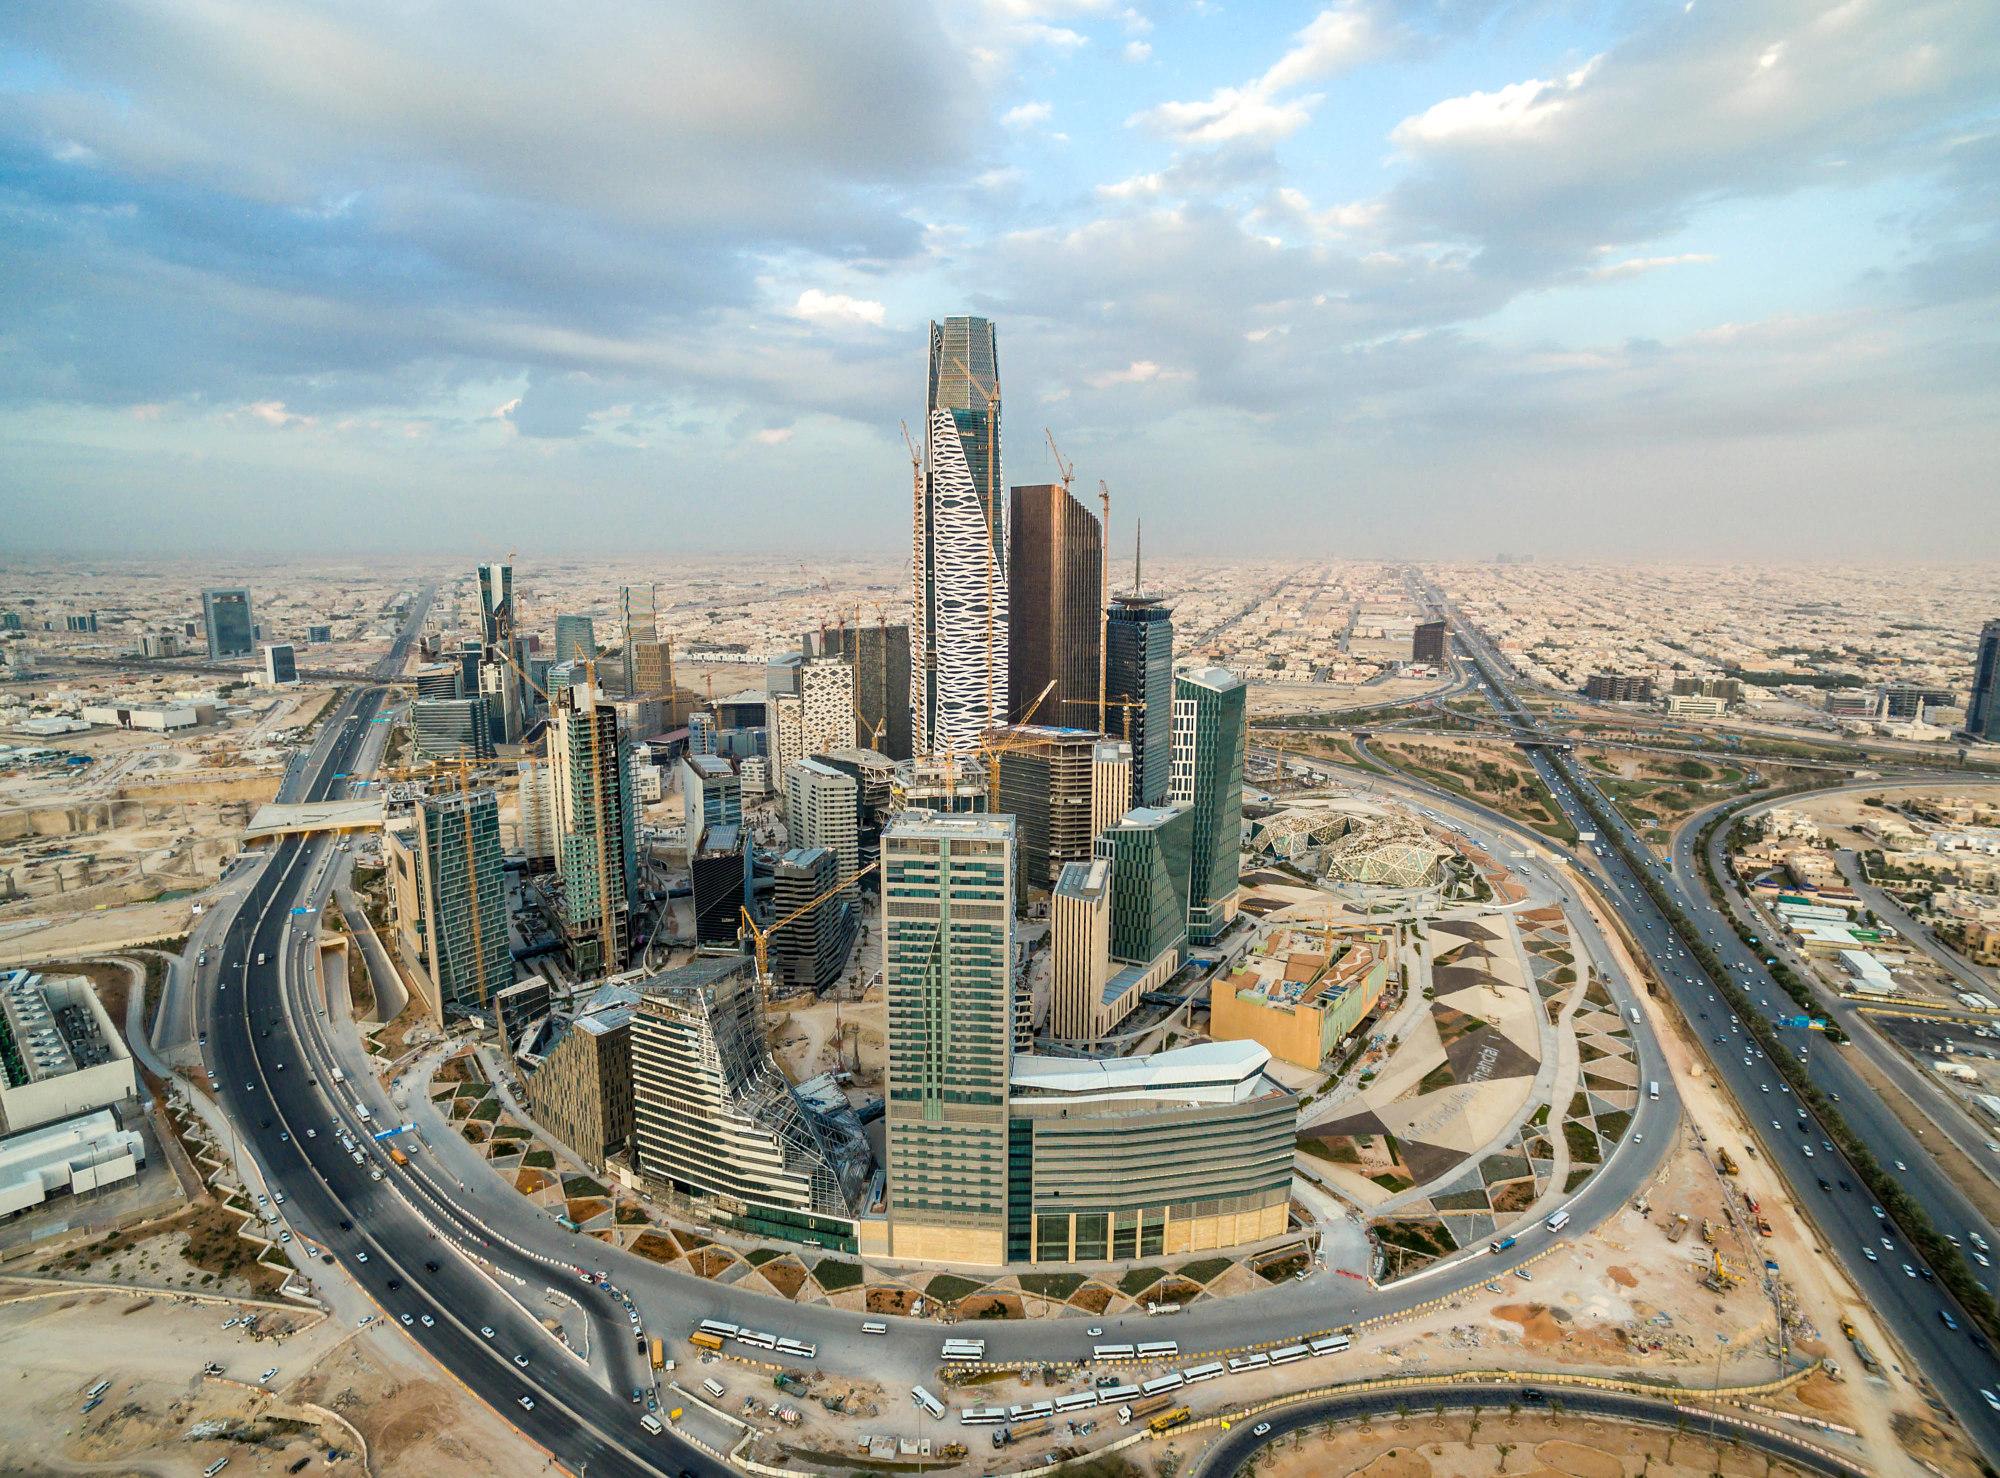 بلومبيرج: الاقتصاد السعودي بدأ مرحلة التعافي والخروج من ...